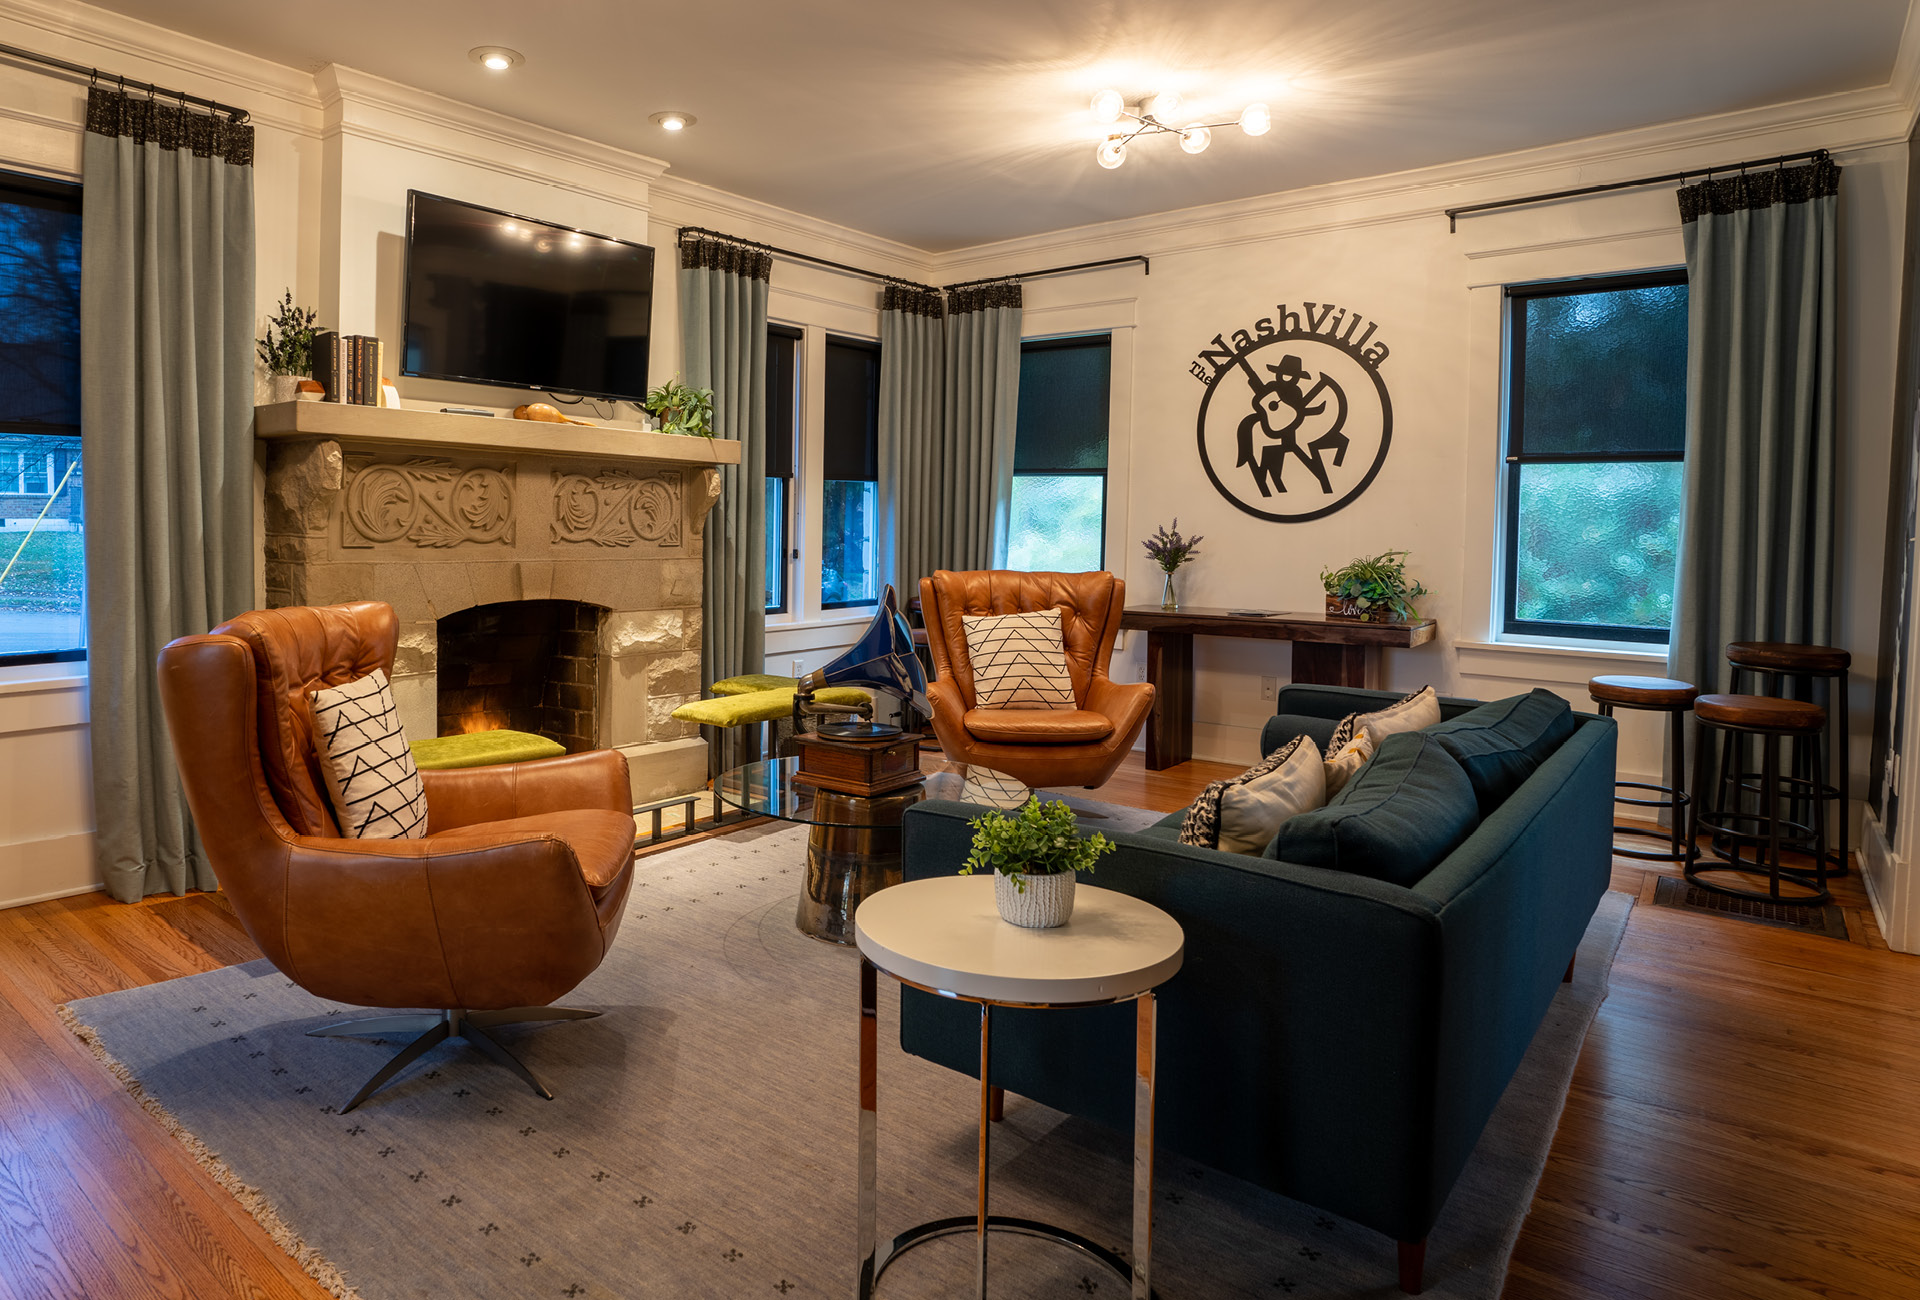 The warm main room of The NashVilla